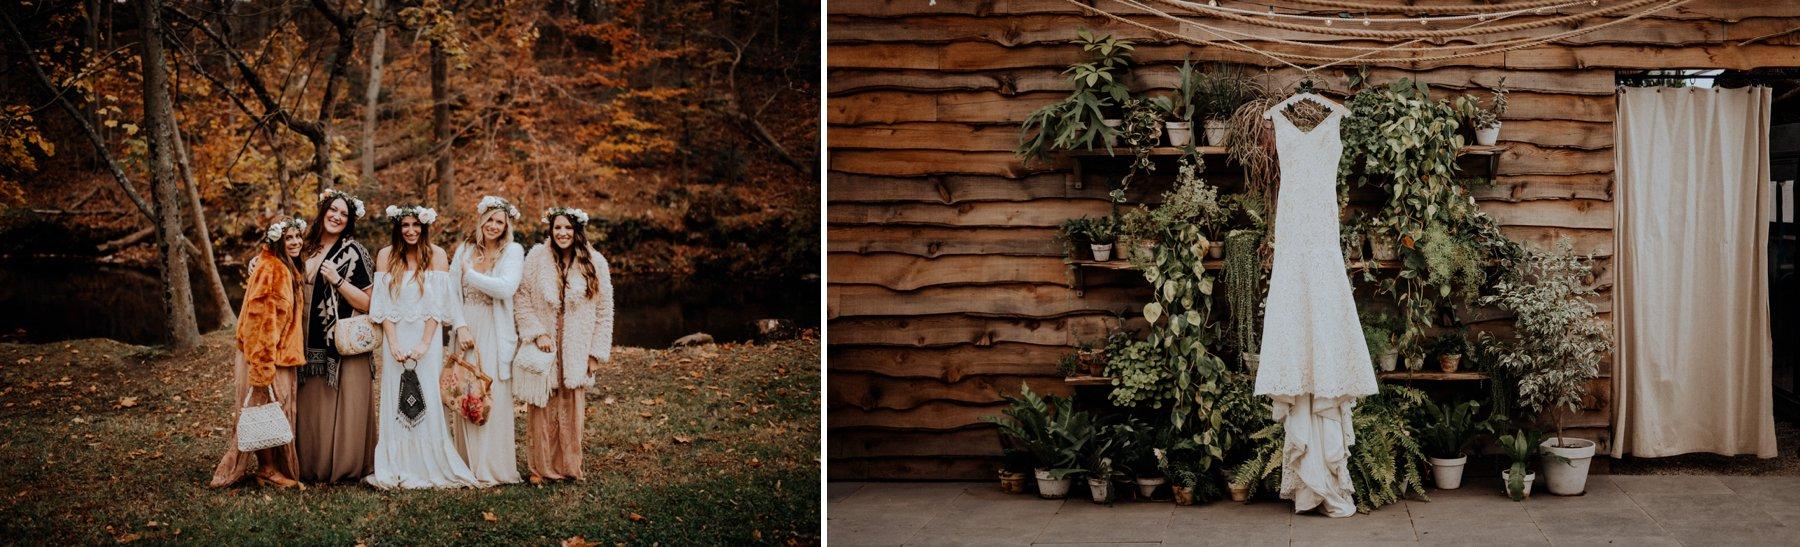 015-067-old-mill-rose-valley-wedding-27.jpg